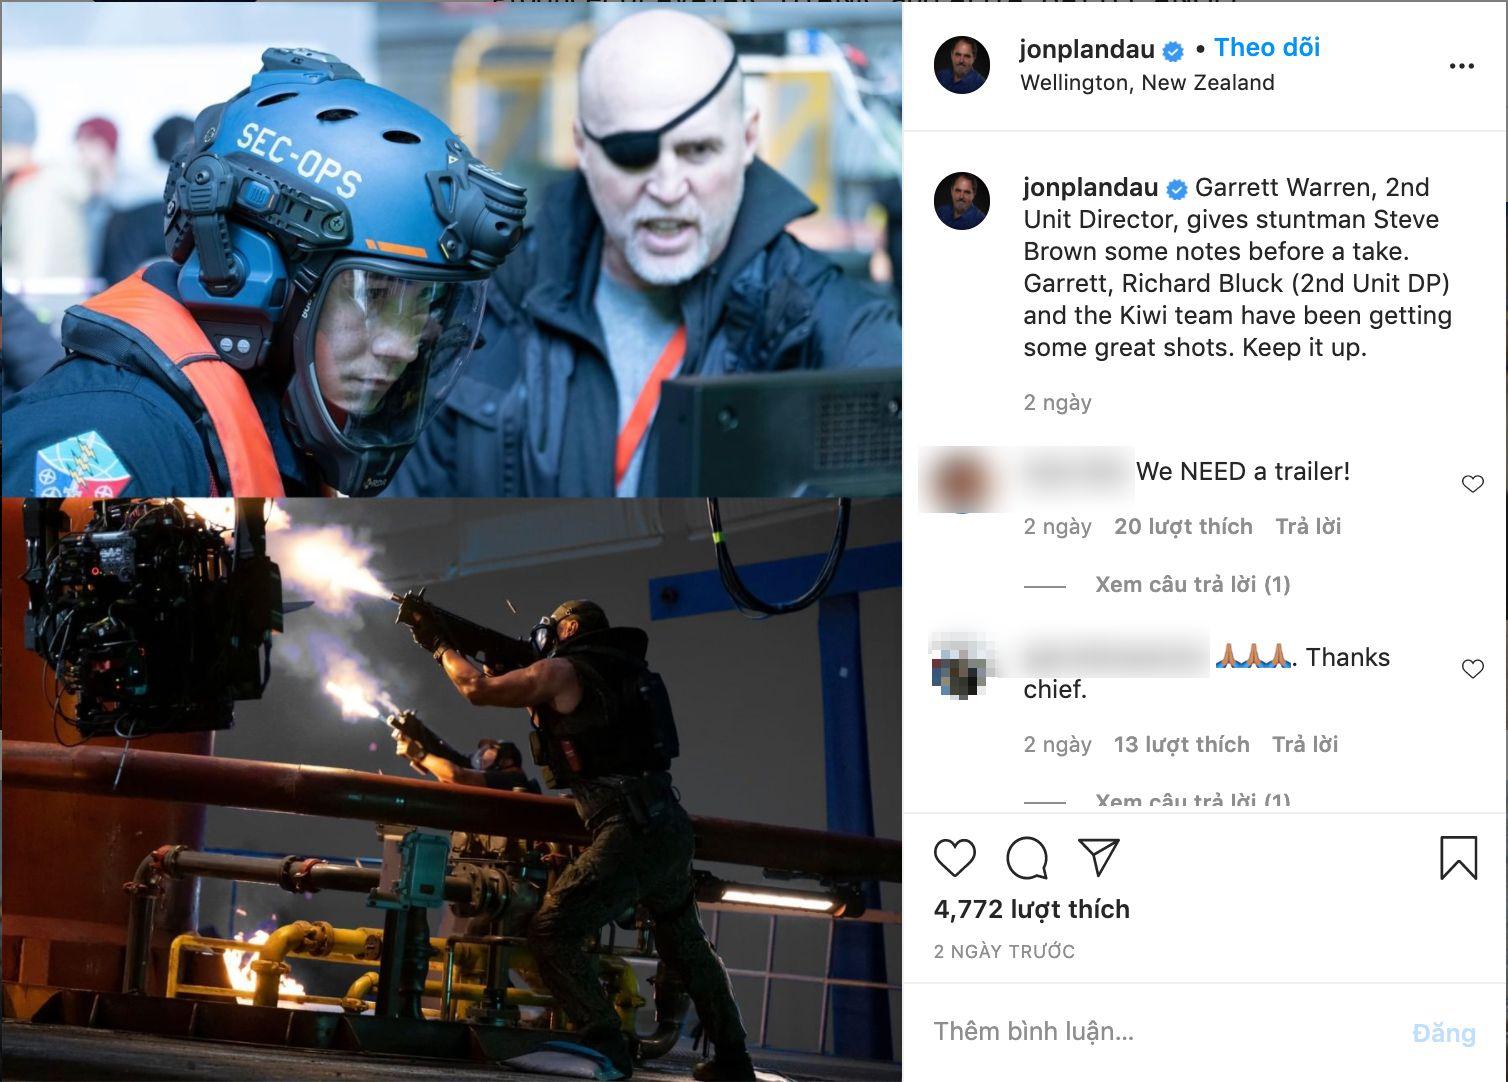 Những hình ảnh mới nhất từ hậu trường 'Avatar 2' đã được hé lộ, là cảnh quay trong trận chiến của con người trên hành tinh Pandora.